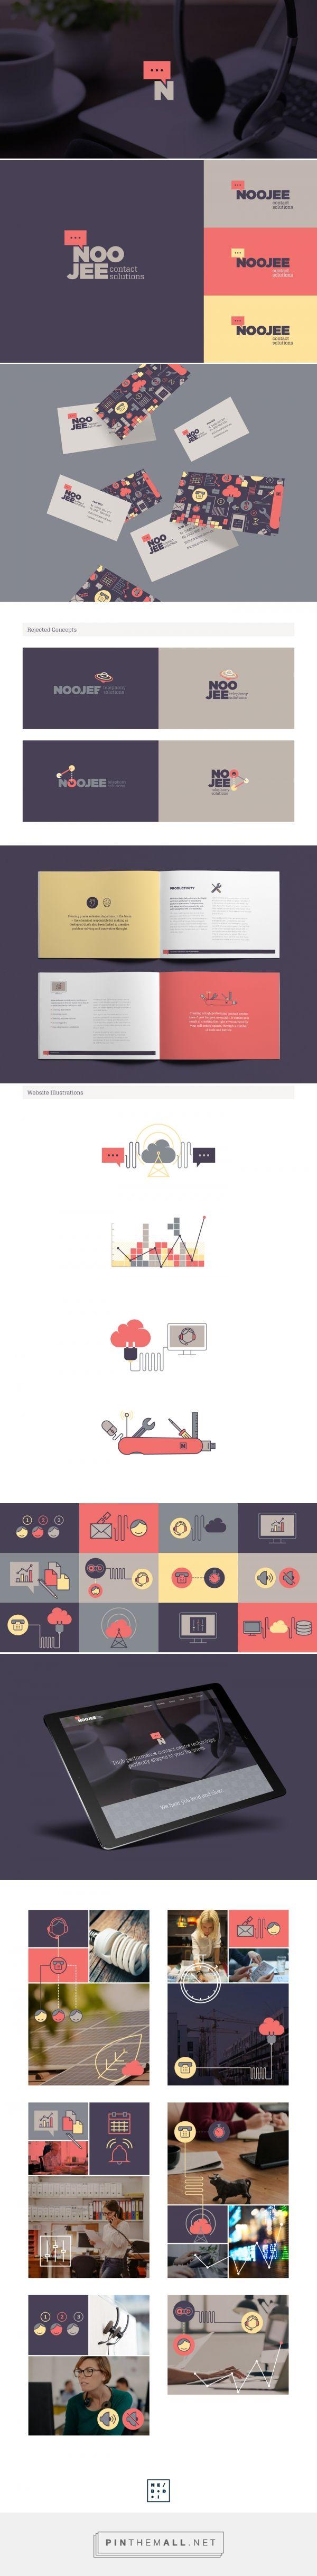 Noojee Branding by Nick Edlin on Behance | Fivestar Branding – Design and…